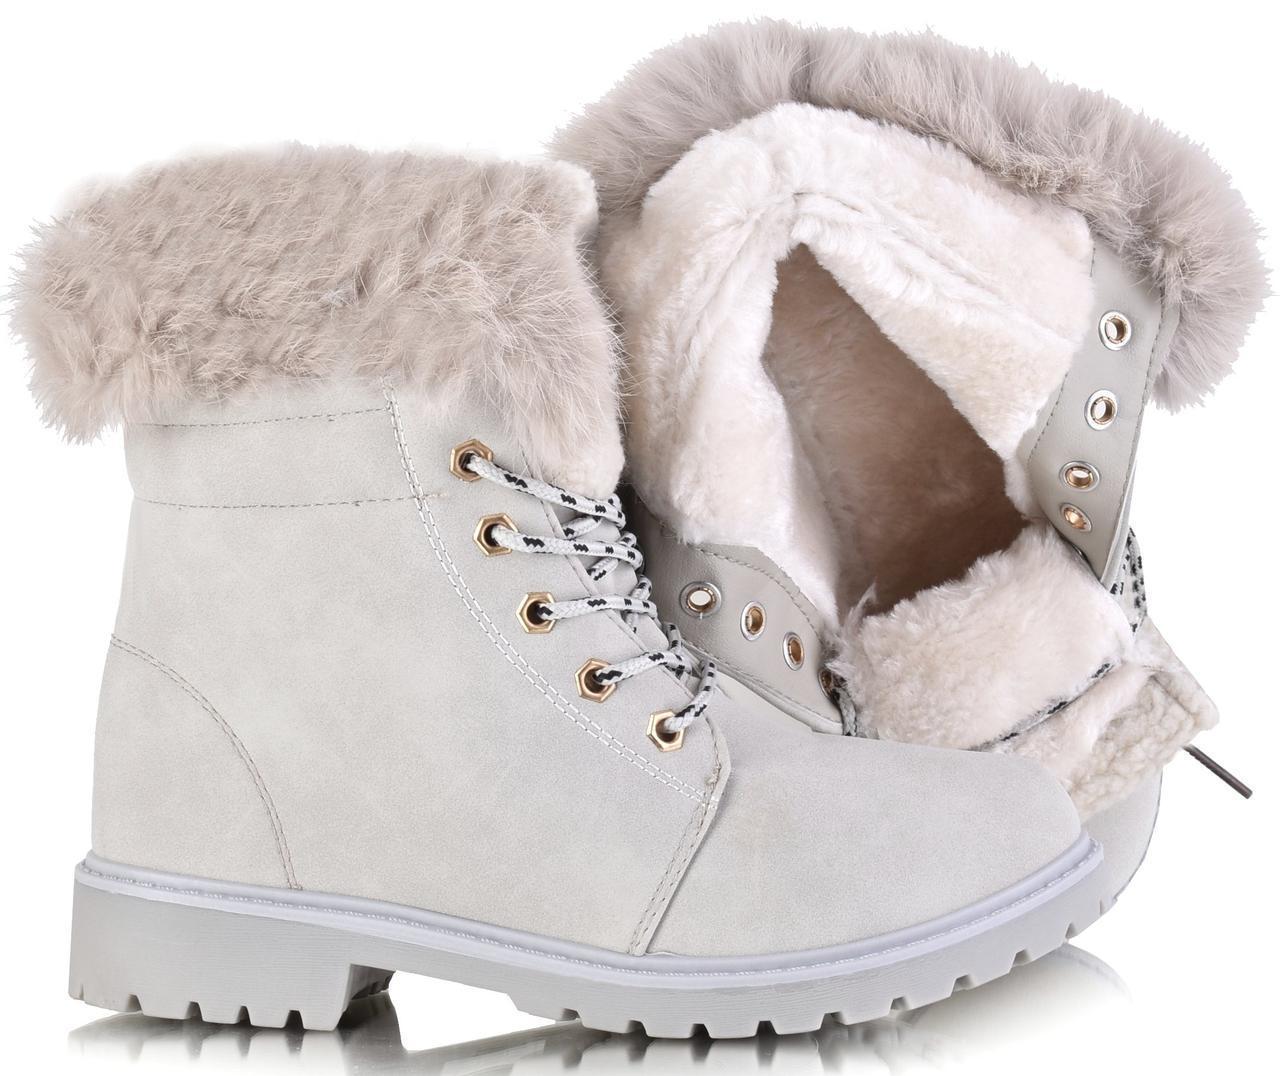 Польские зимние ботинки для девушек любого возраста